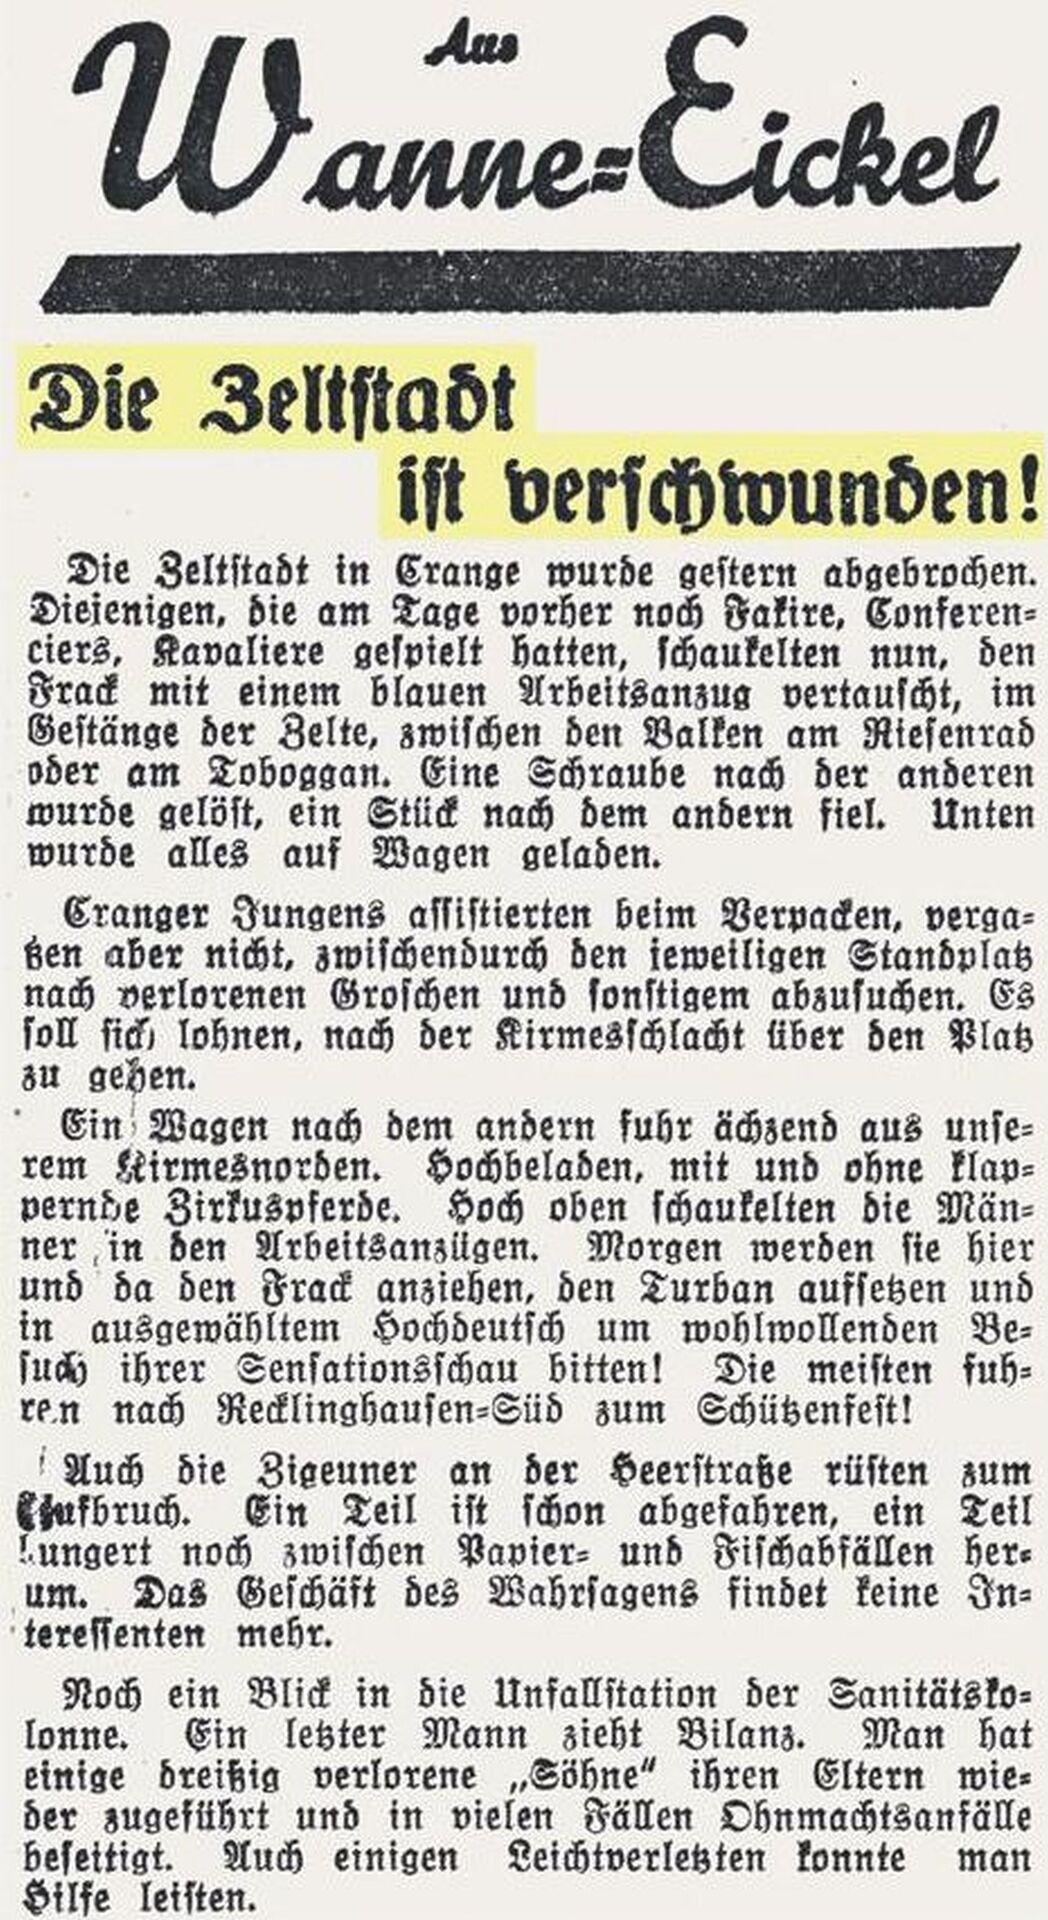 Wanne-Eickeler Zeitung vom 15.08.1934.jpg